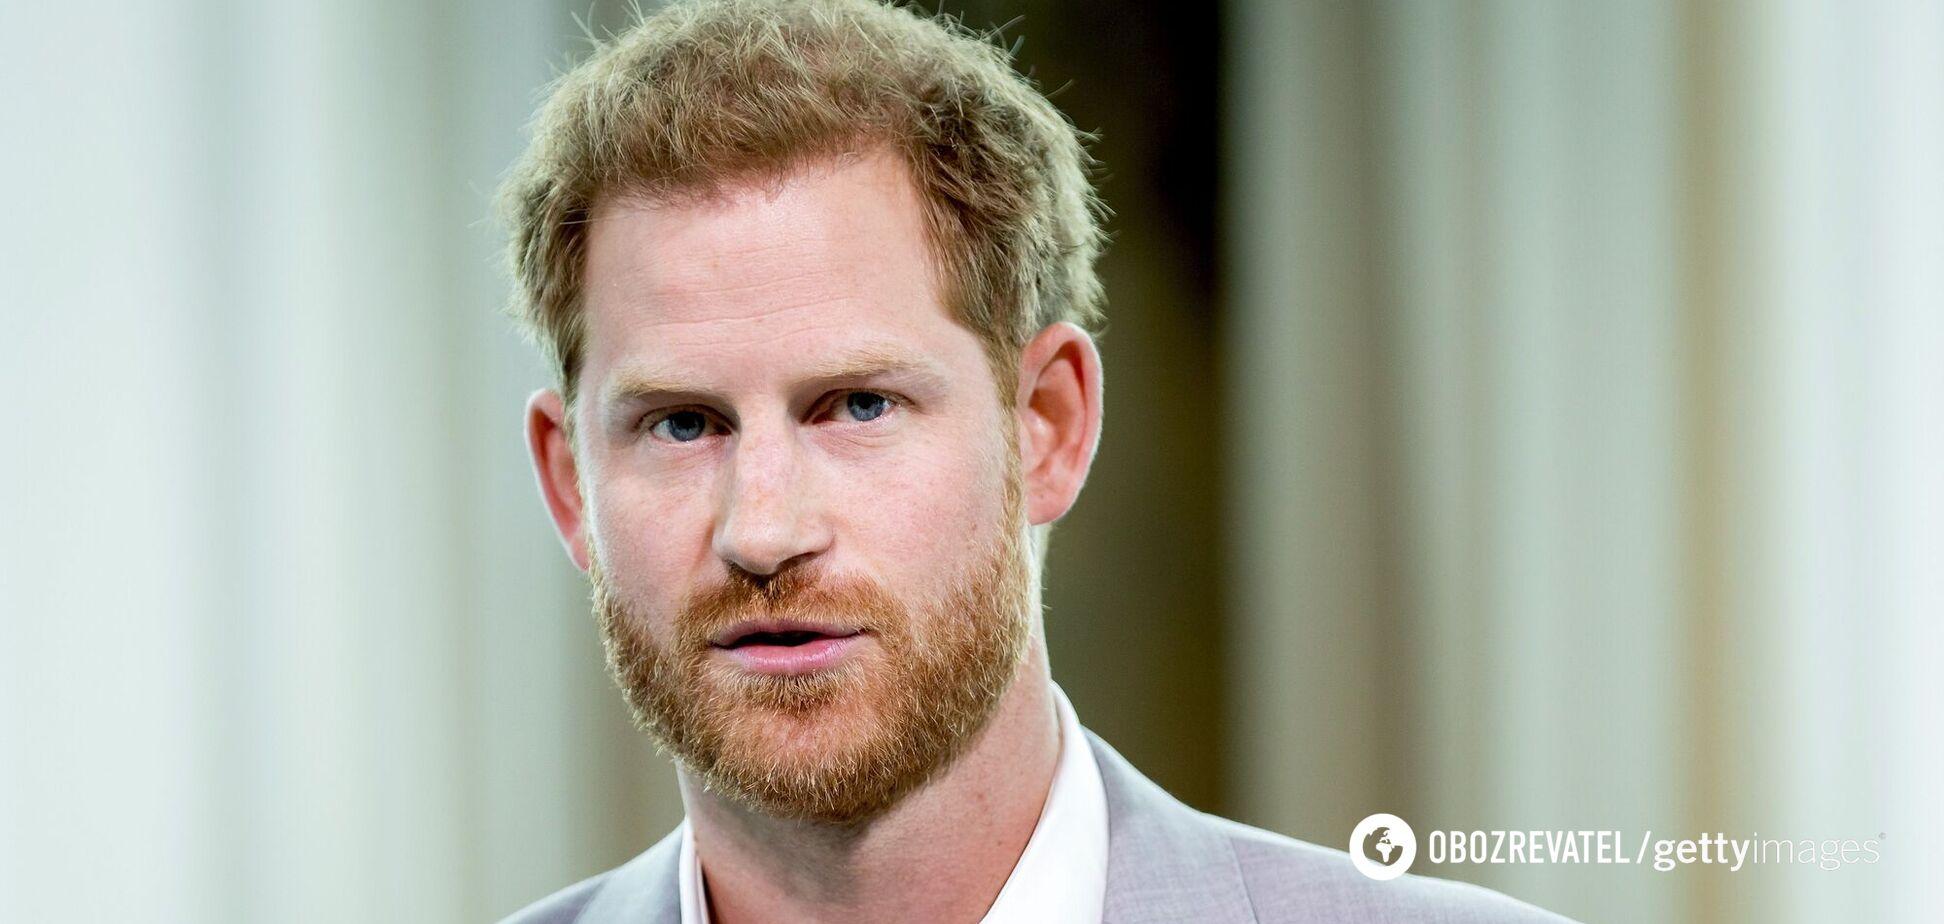 Принц Гарри улетит в США сразу после похорон принца Филиппа